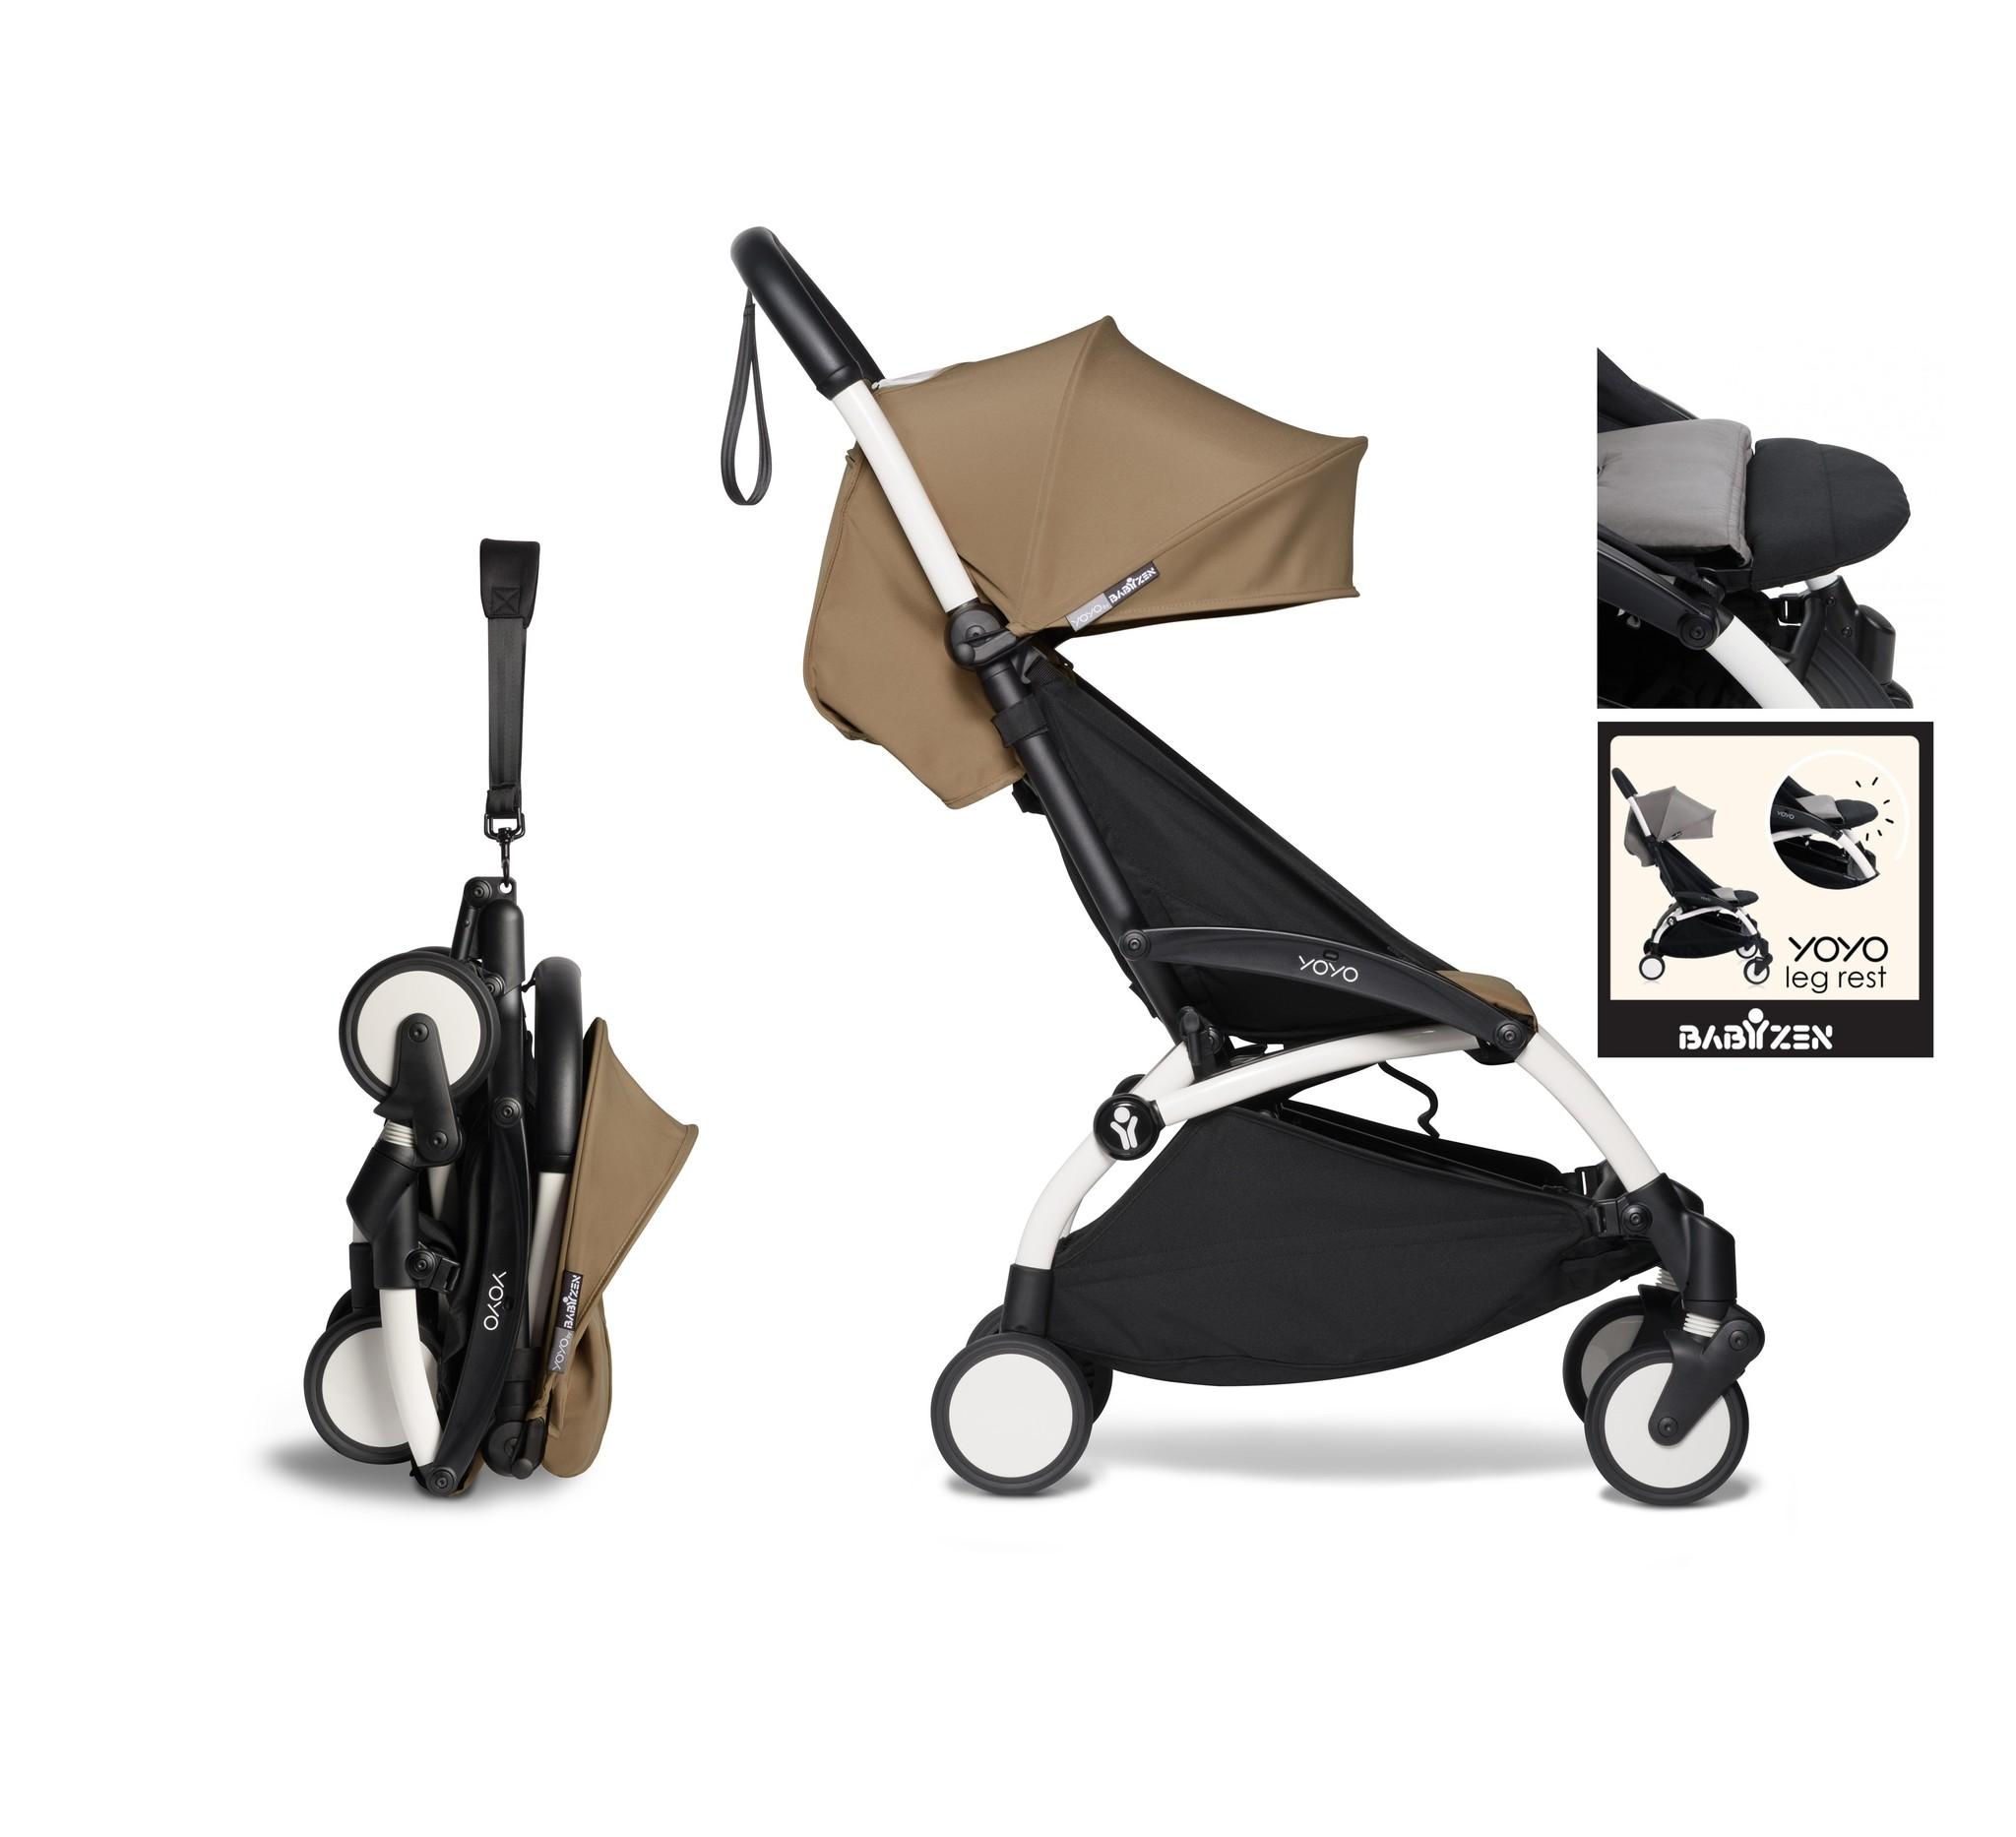 Babyzen YOYO² buggy vanaf 6 maanden inclusief beensteun - toffee met frame wit